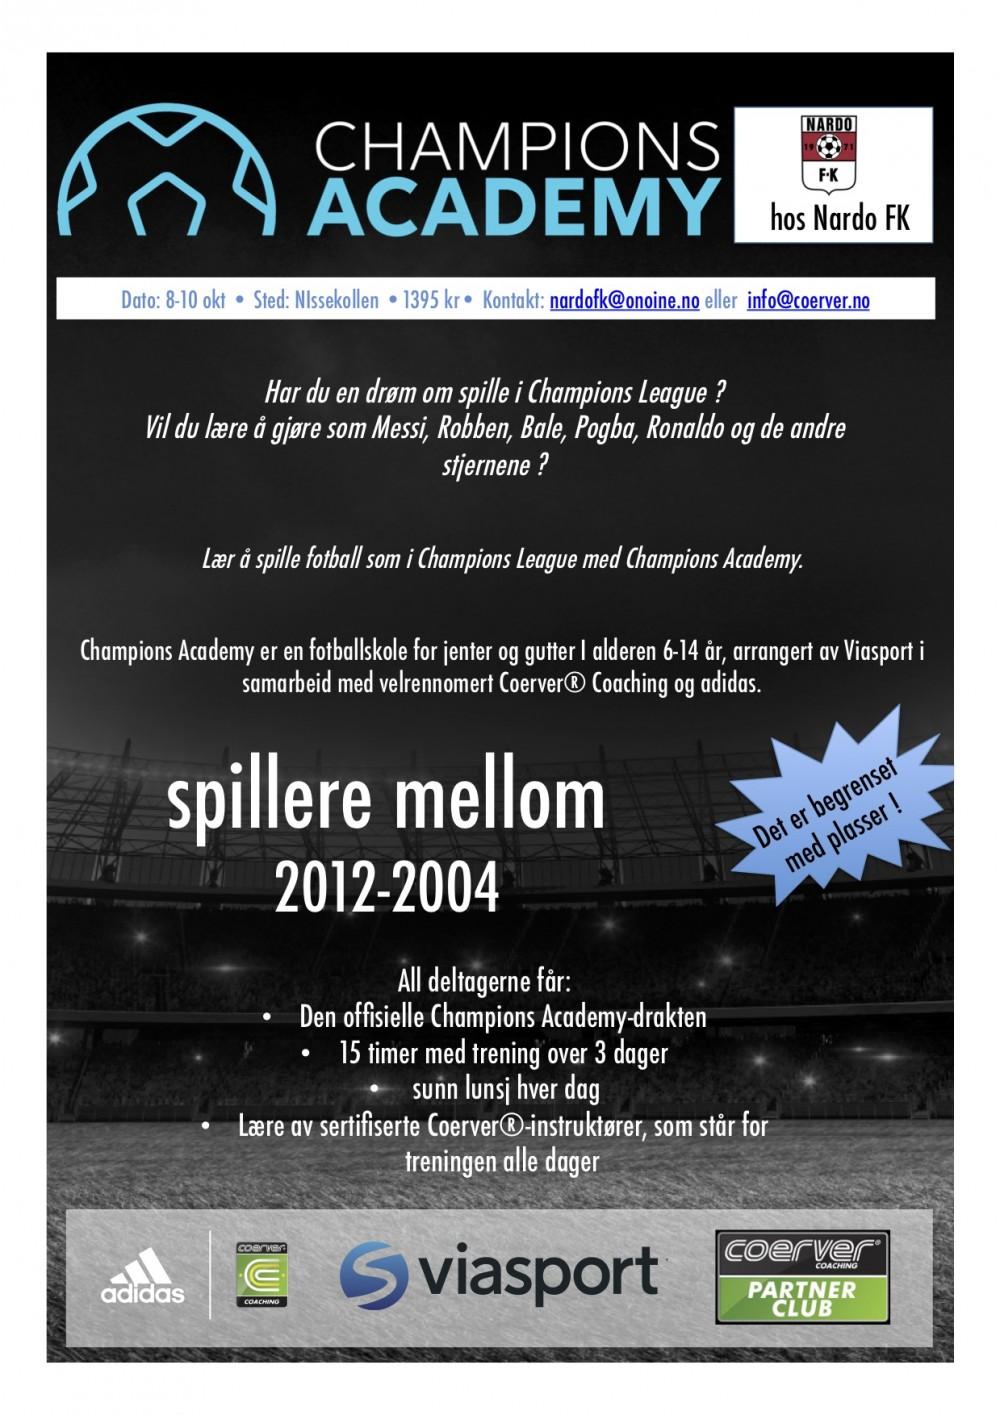 Champions Academy hos Nardo FK uke 41